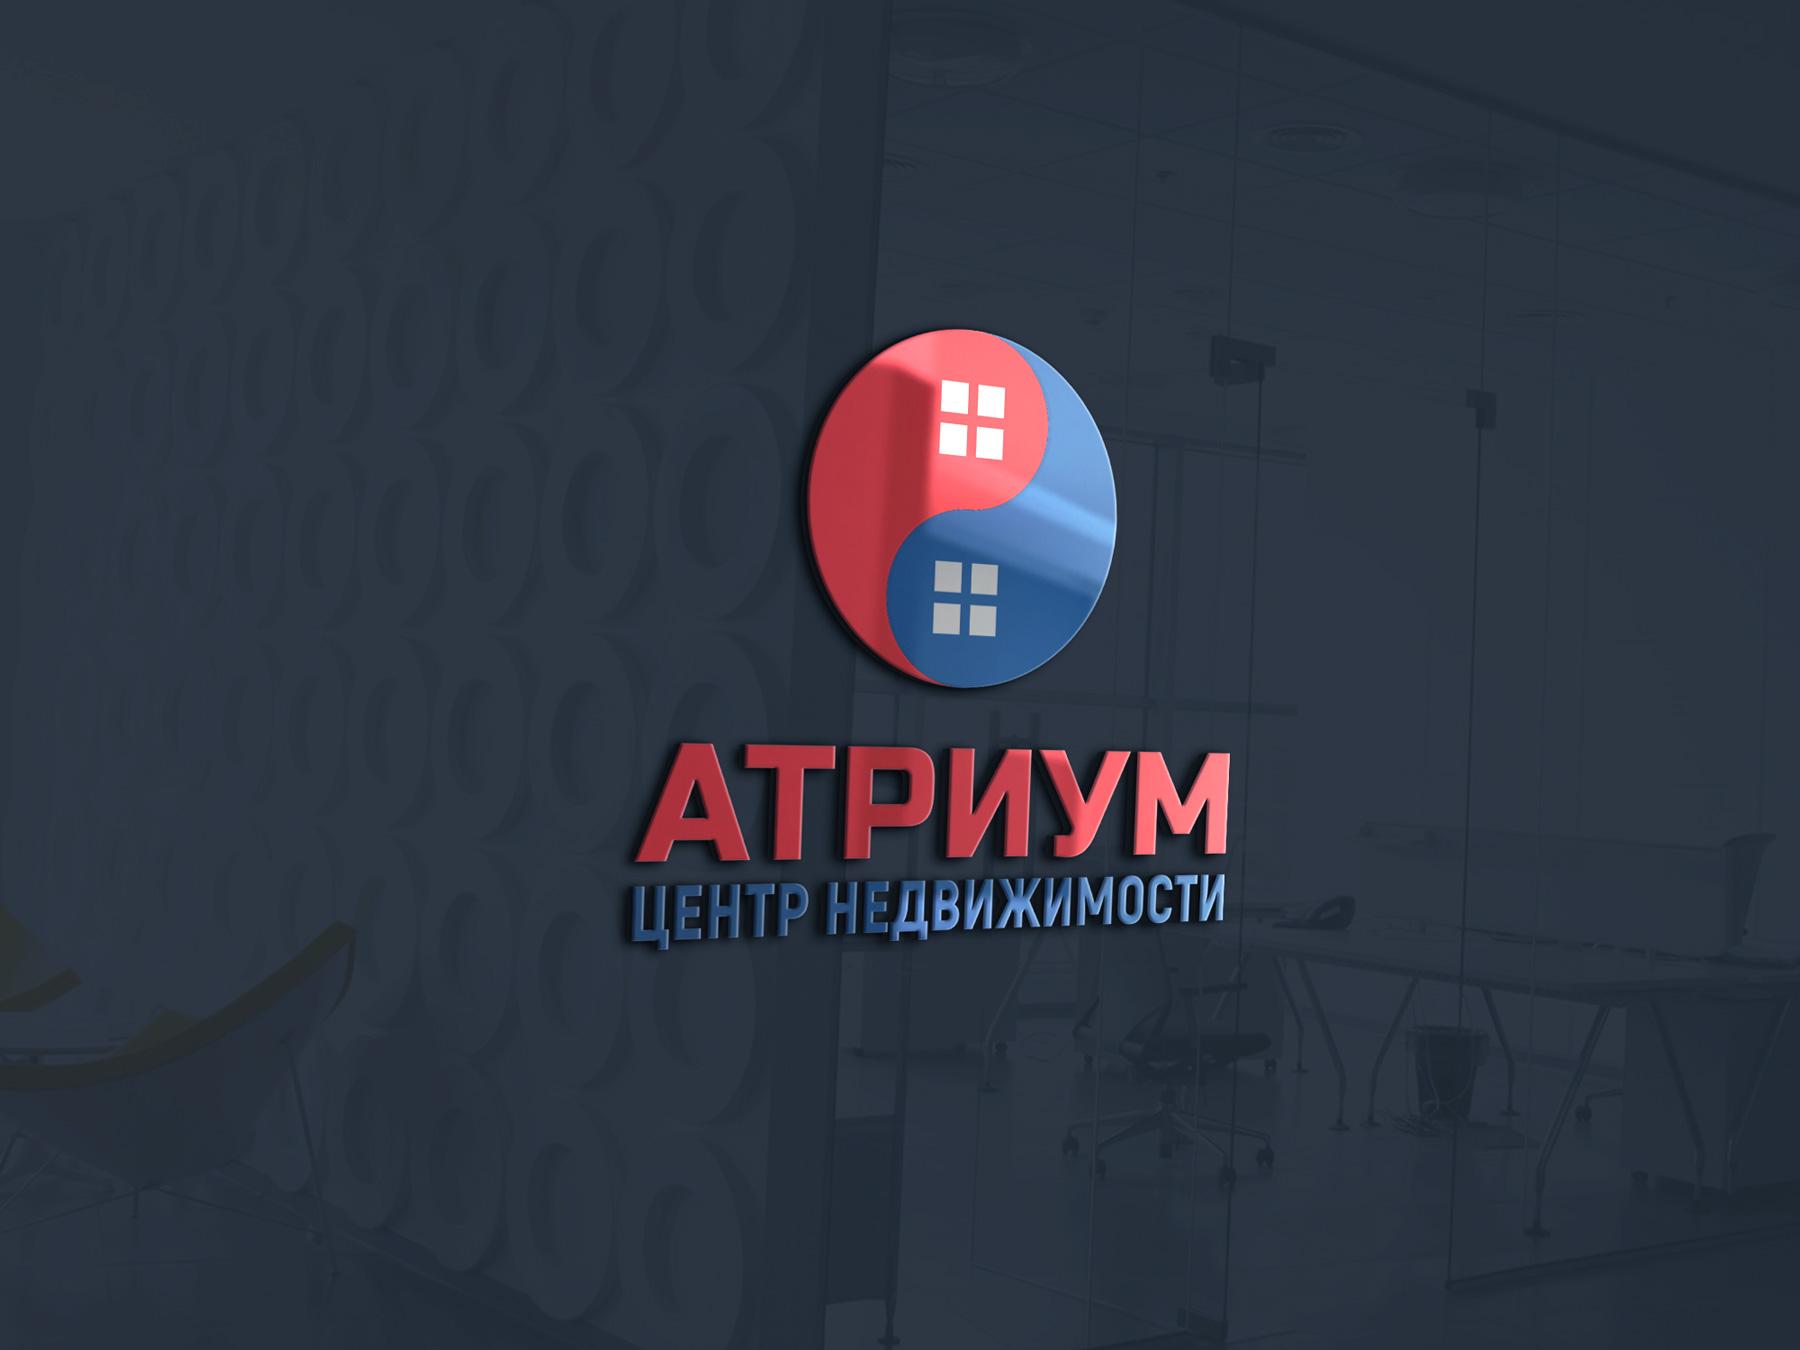 Редизайн / модернизация логотипа Центра недвижимости фото f_1965bc635a76c828.jpg